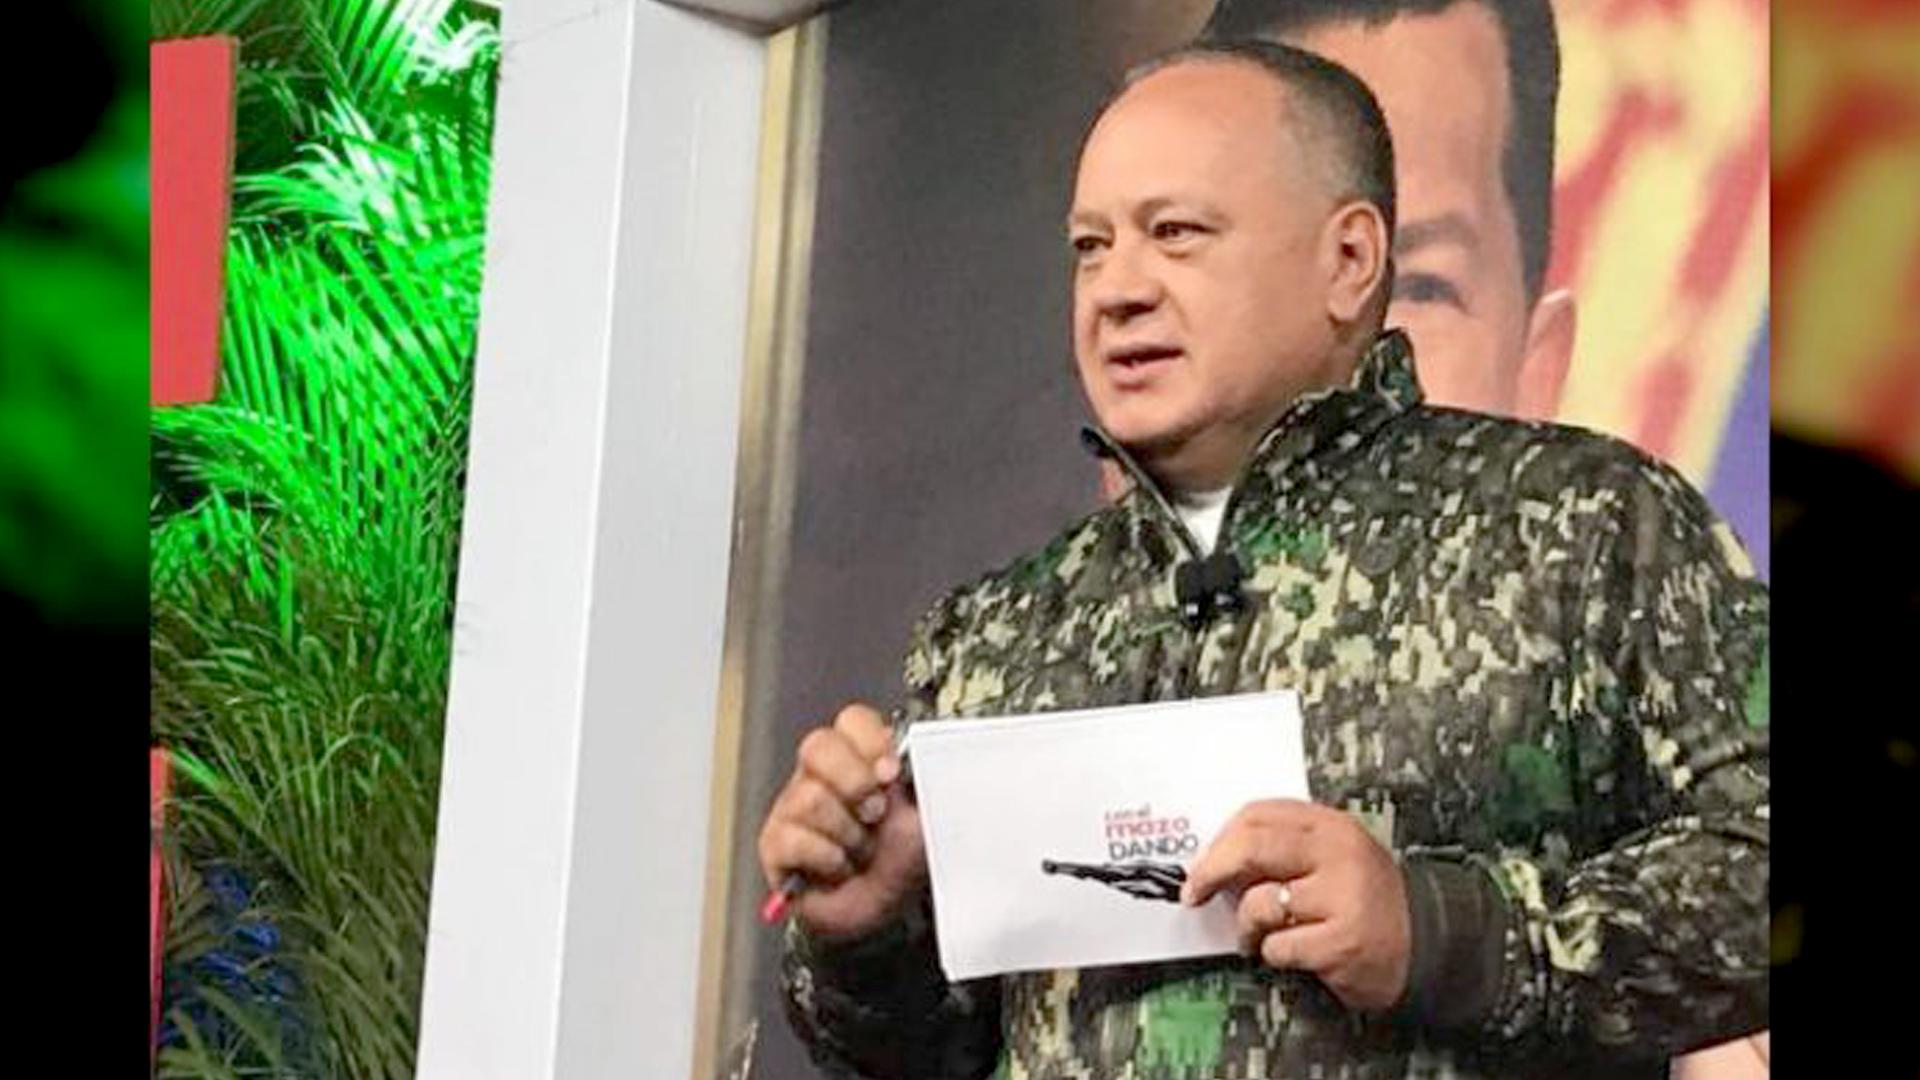 Diosdado Cabello Con la violencia la derecha no llegará al poder